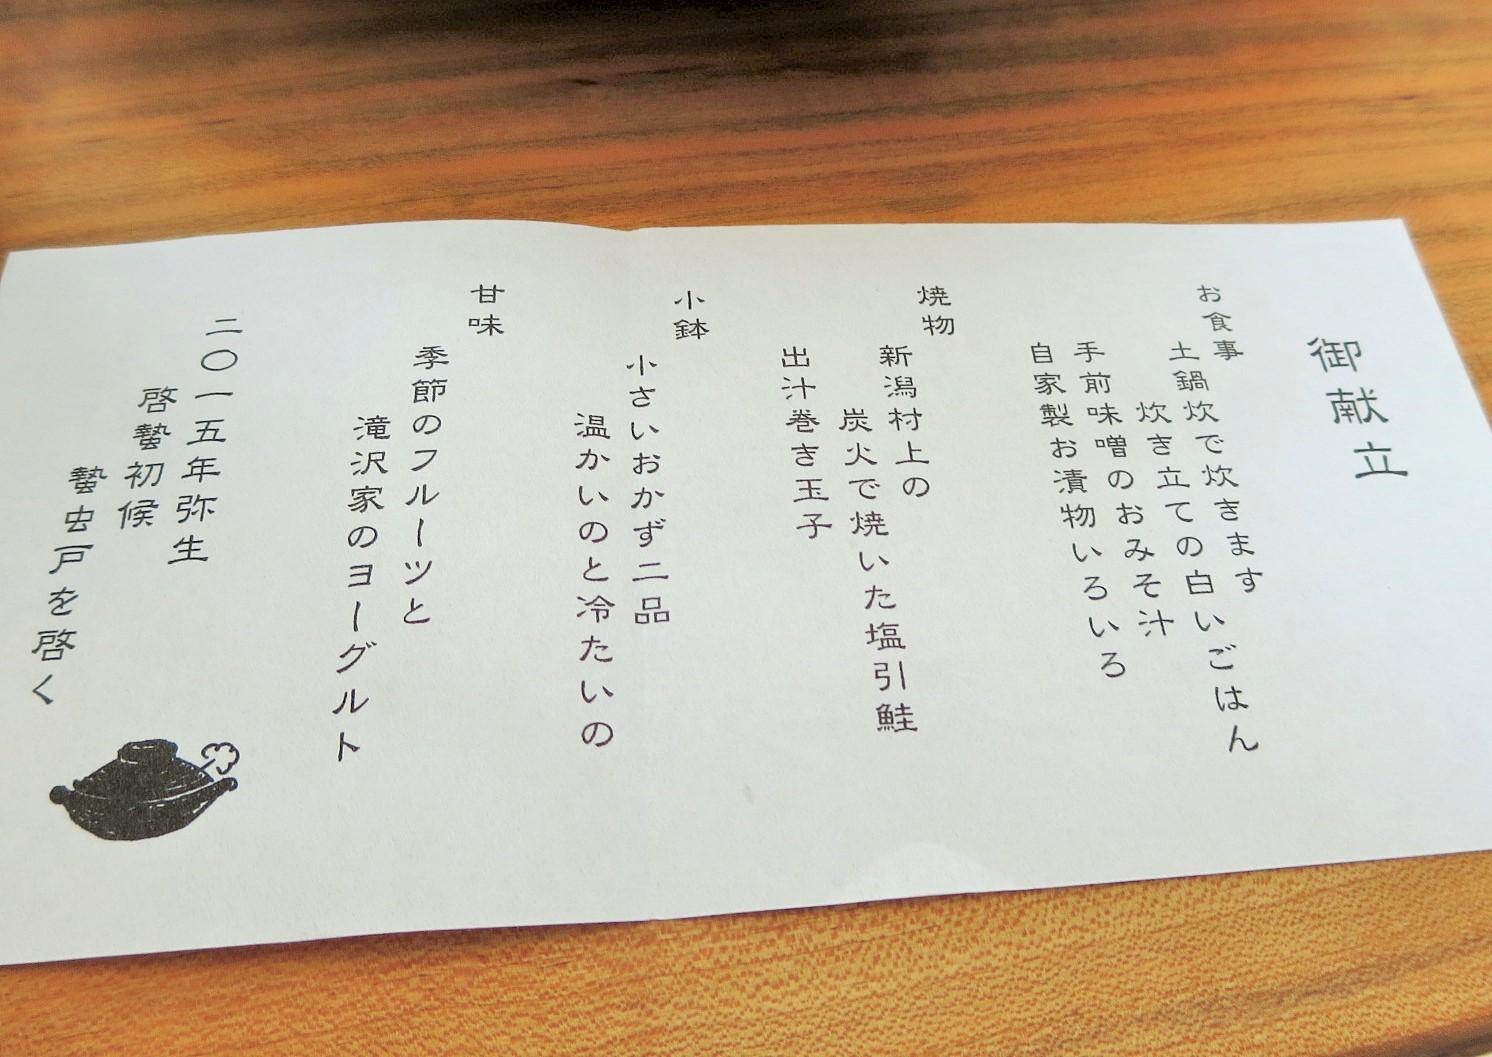 朝食&ブランチ☆食堂 takizawa NEW OPEN!@追分_f0236260_1837205.jpg